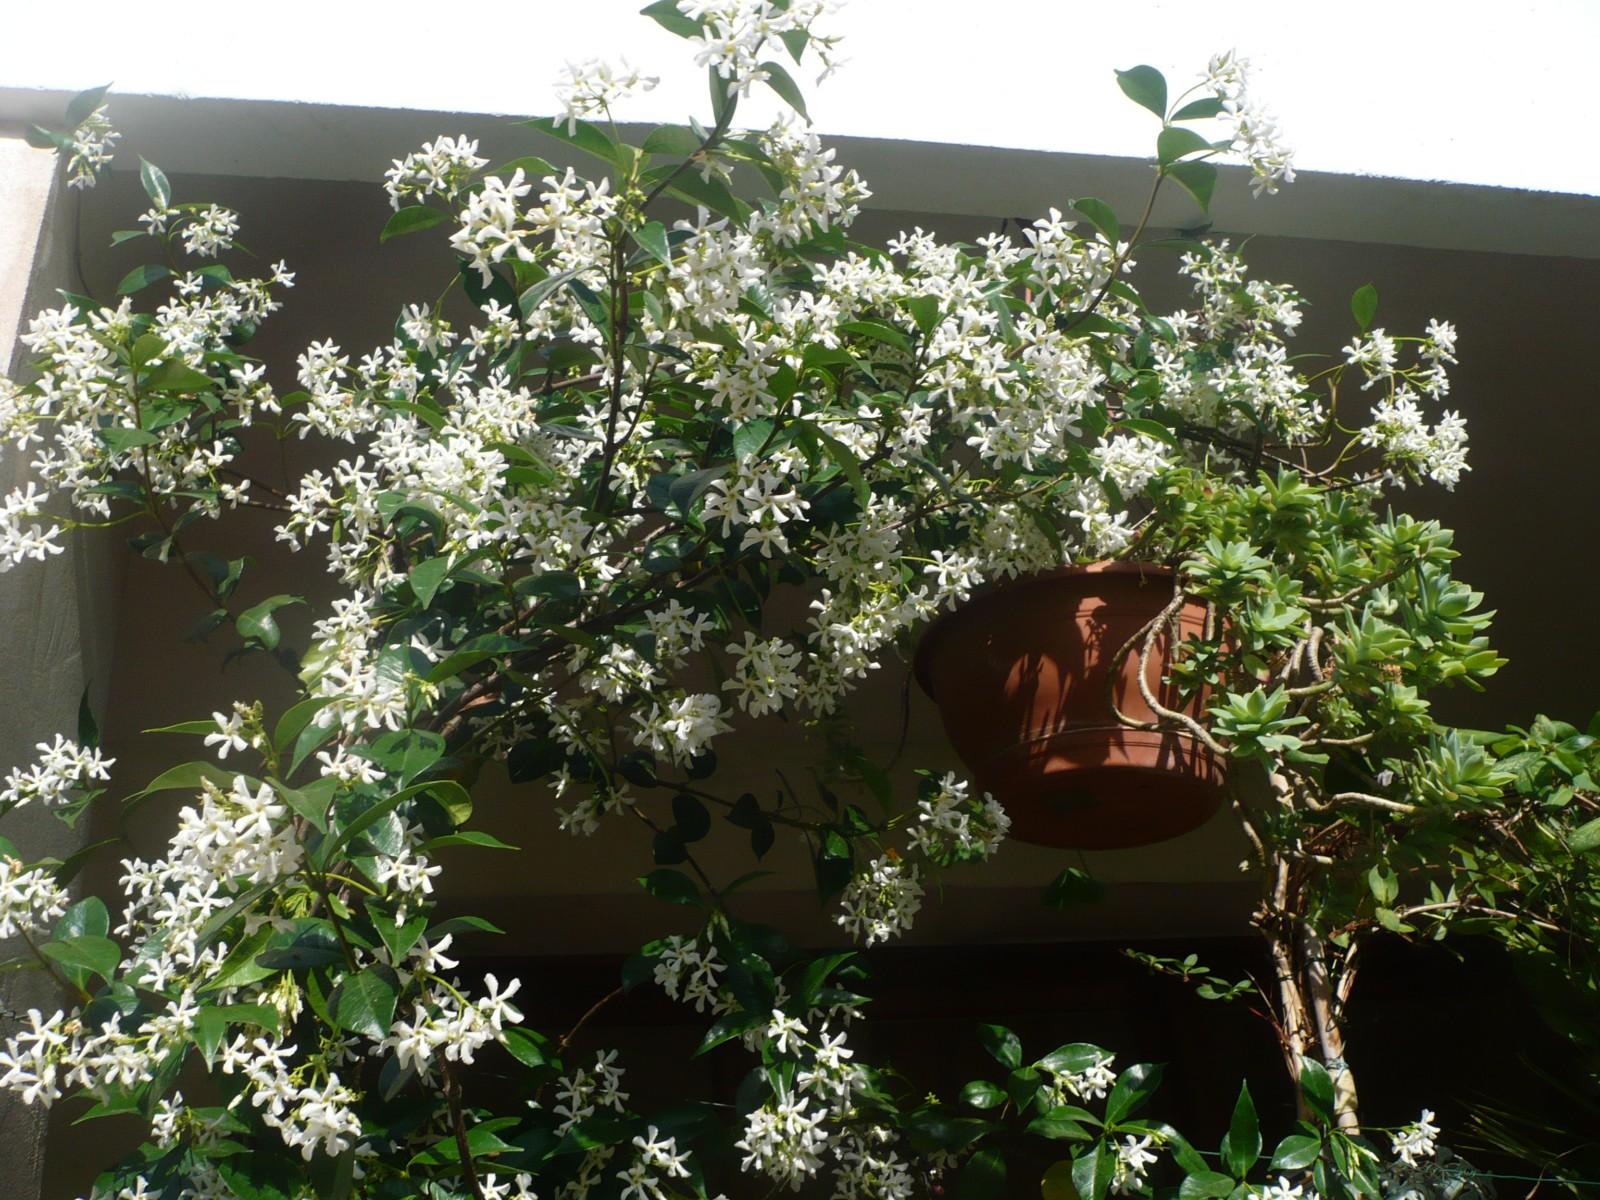 Sur mon chemin floraison blanche et toil e des odorif rantes fleurs de jasmin vers le centre - Jasmin d hiver blanc ...